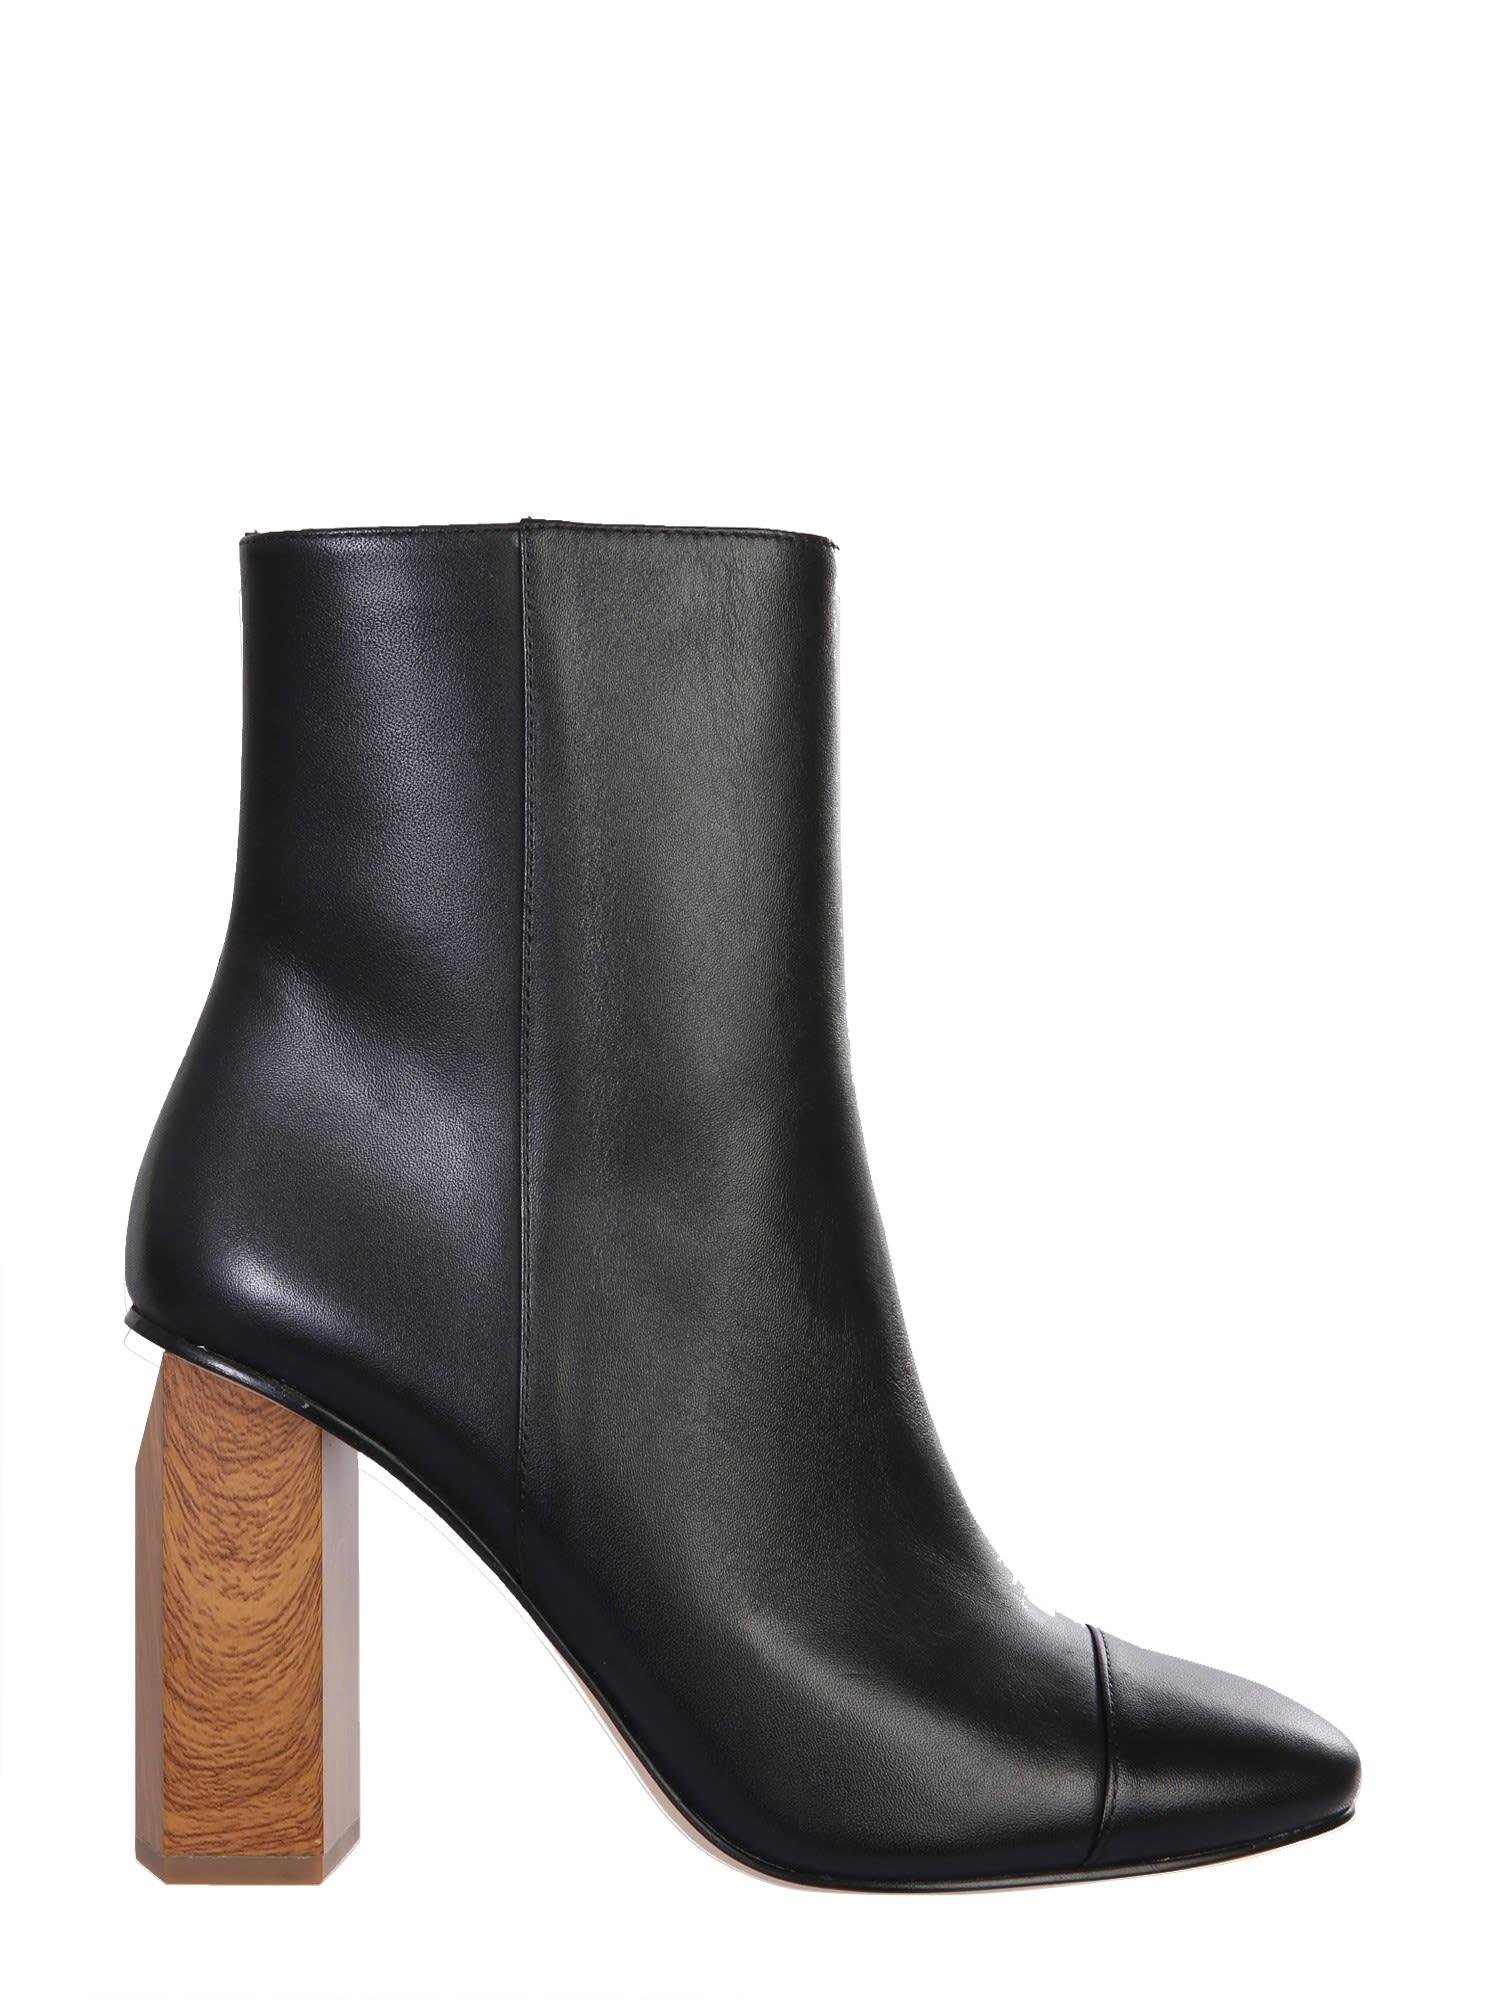 MICHAEL Michael Kors Petra Boots